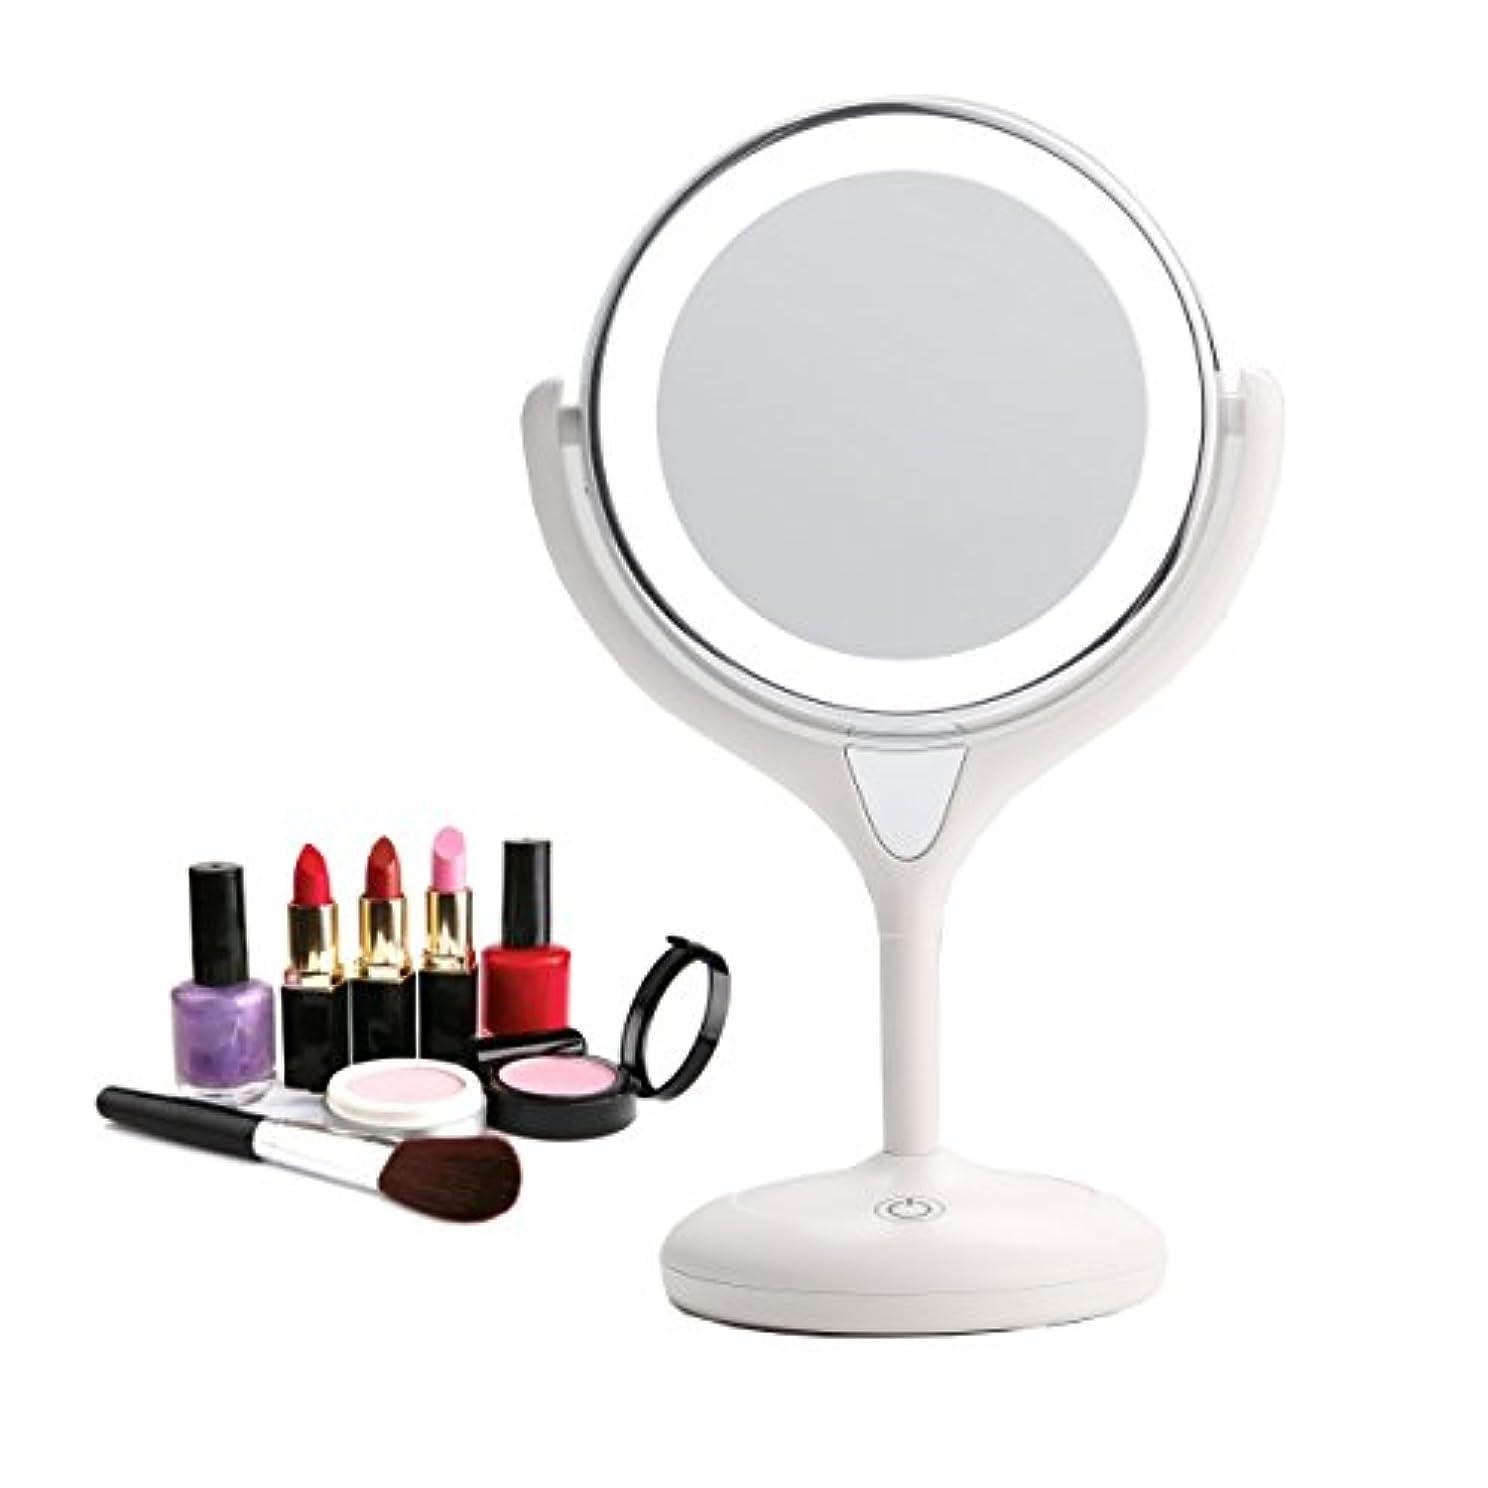 洞察力のある自発やりすぎBestaid-スタンドミラー シンプルデザイン 真実の両面鏡DX 10倍拡大鏡 360度回転 卓上鏡 メイク 化粧道具 14 * 11.5 * 28.5cm